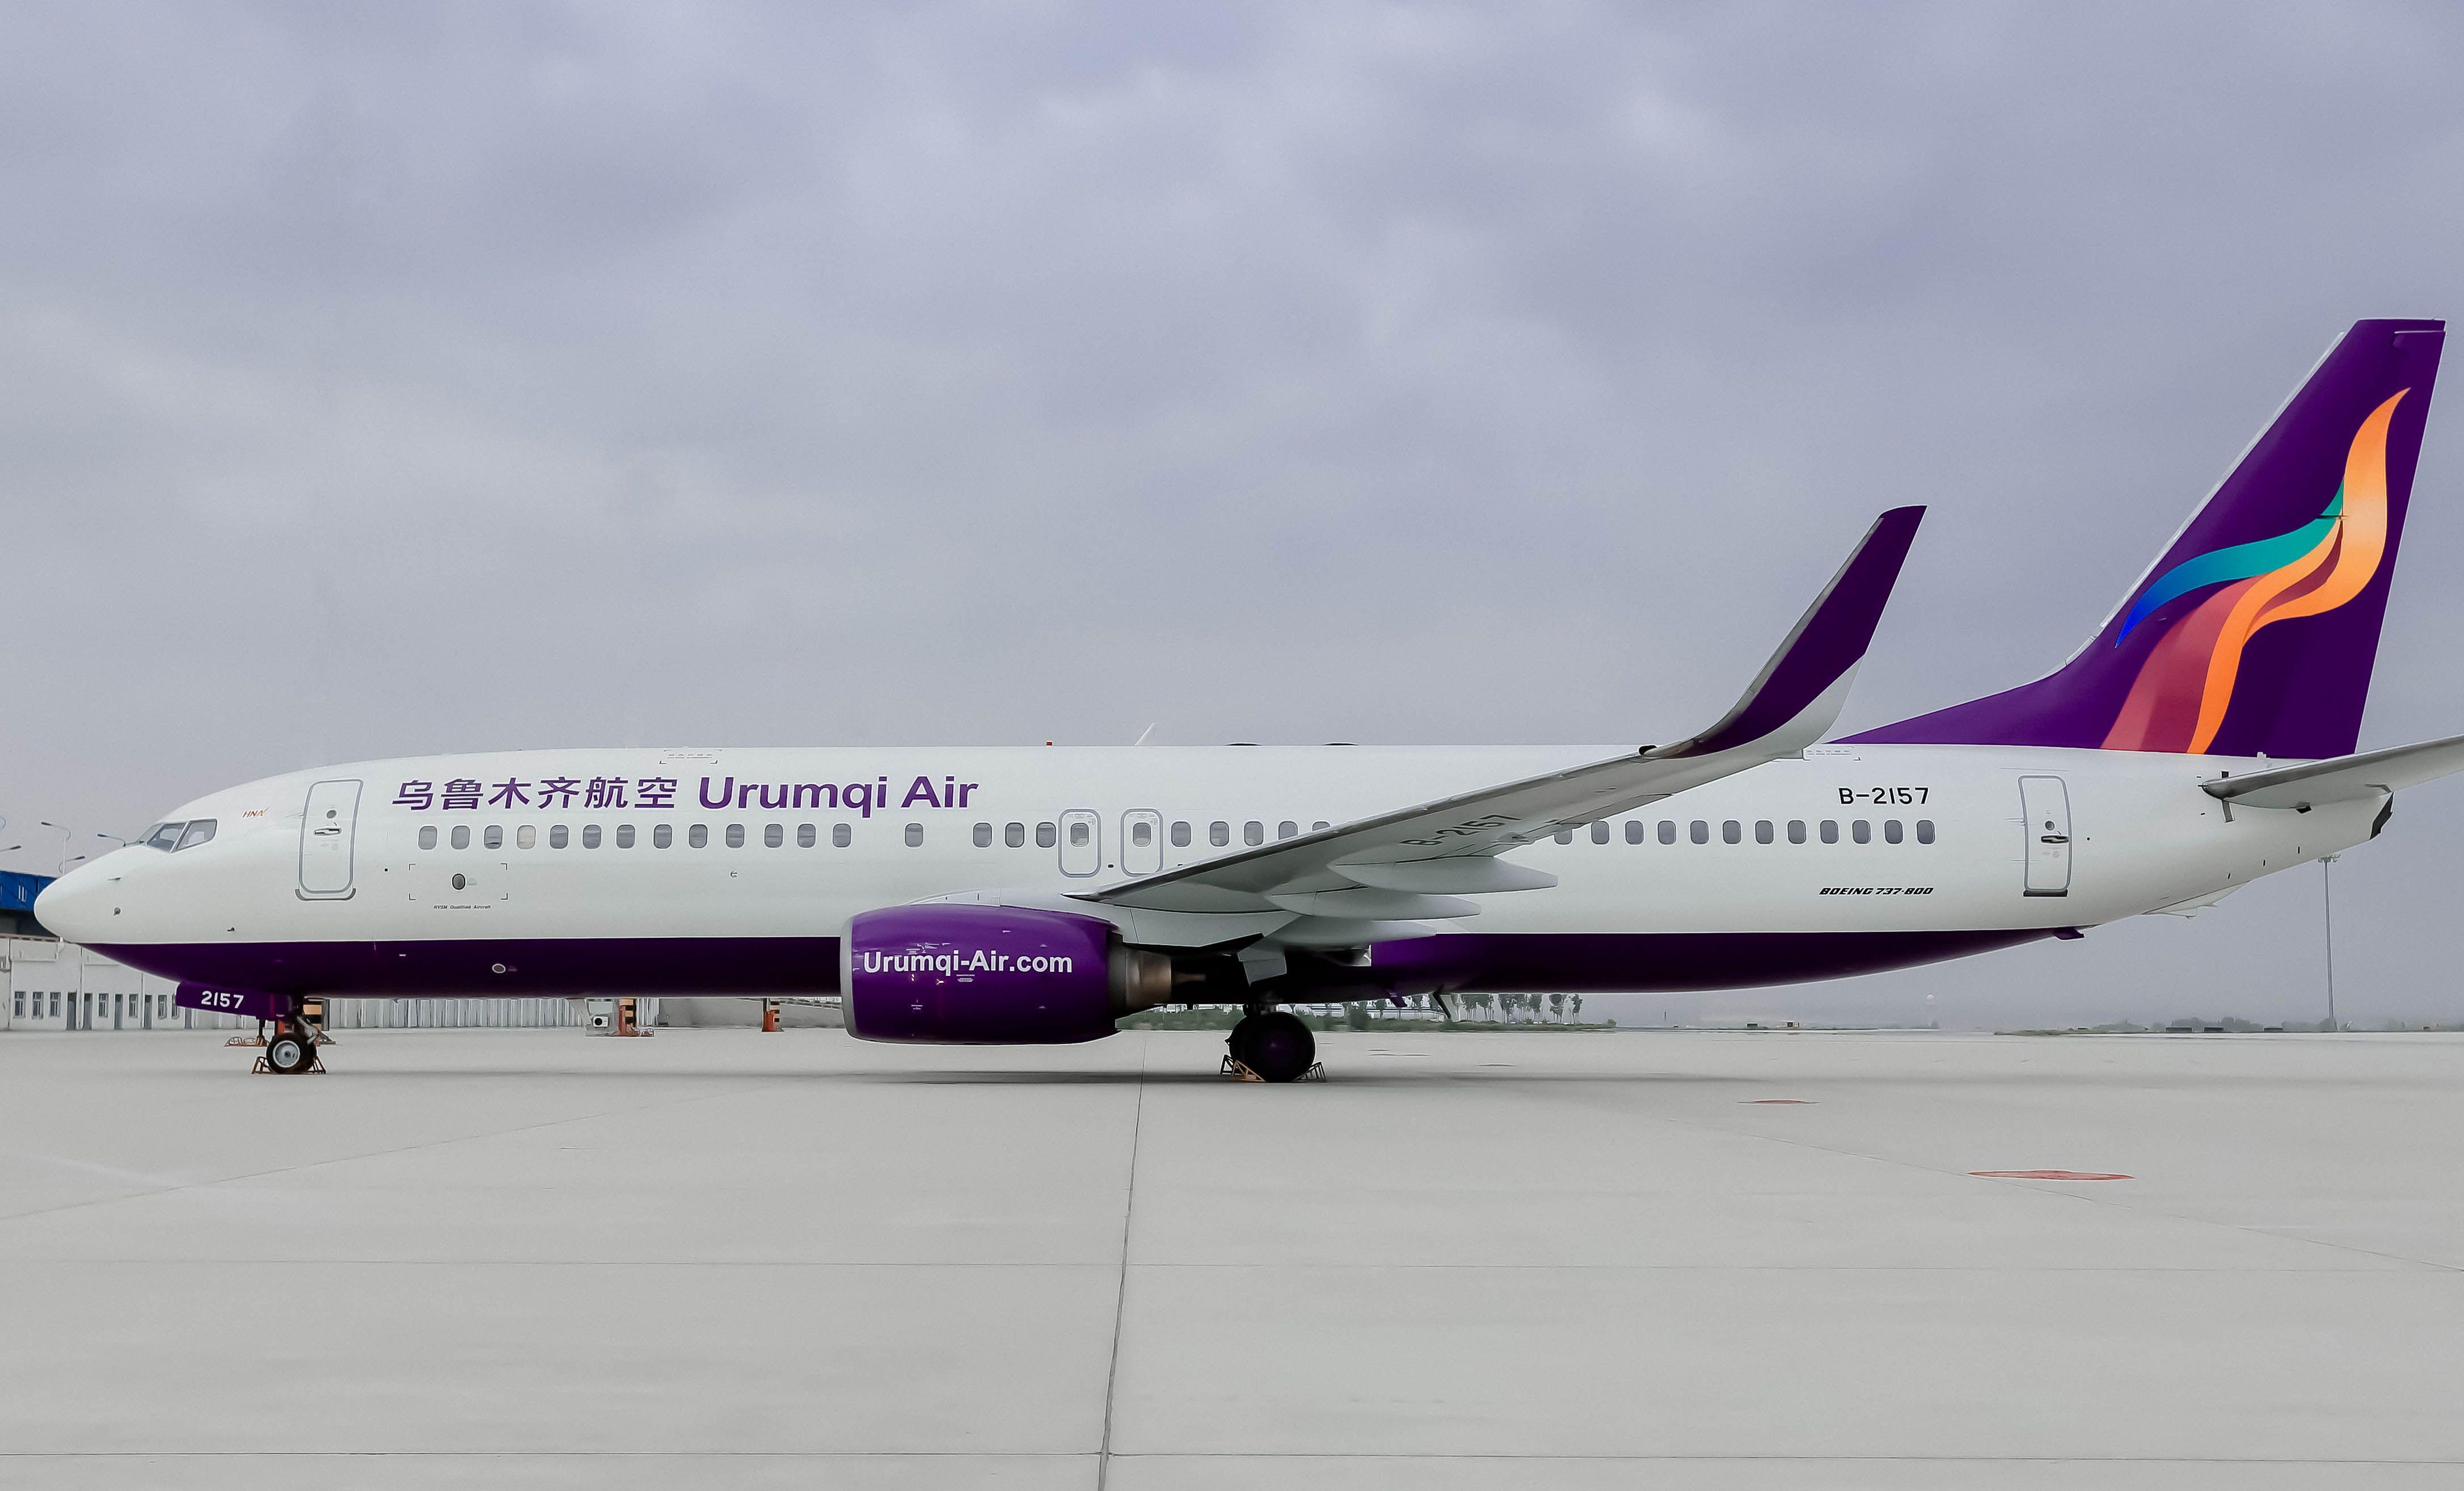 乌鲁木齐航空将于3月1日起试行差异化服务